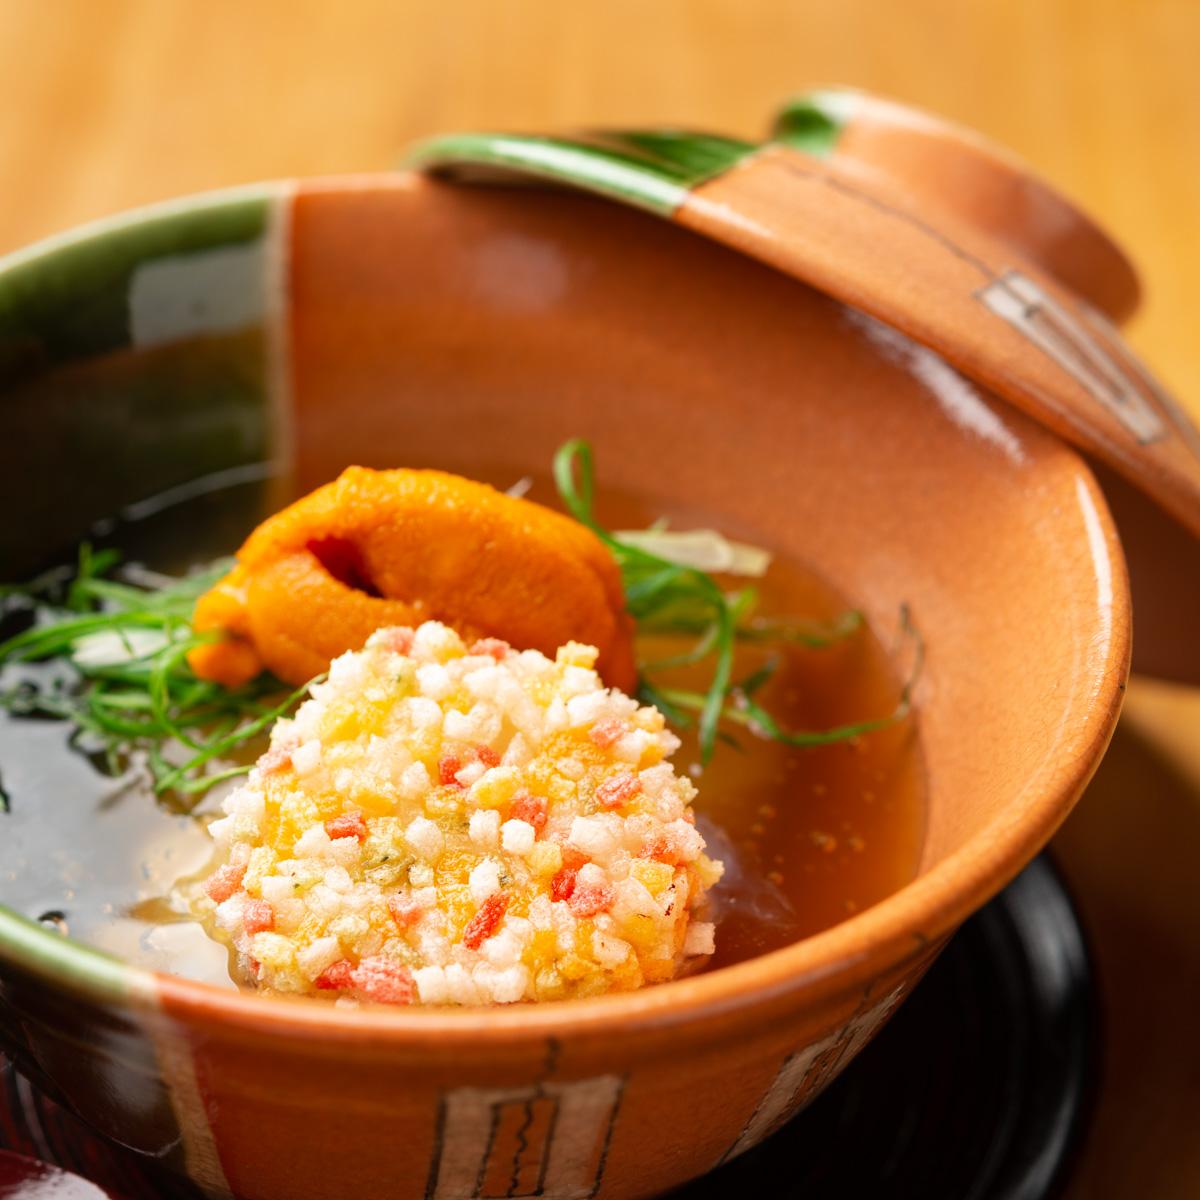 煮物 冬瓜と新里芋の炊き合わせ